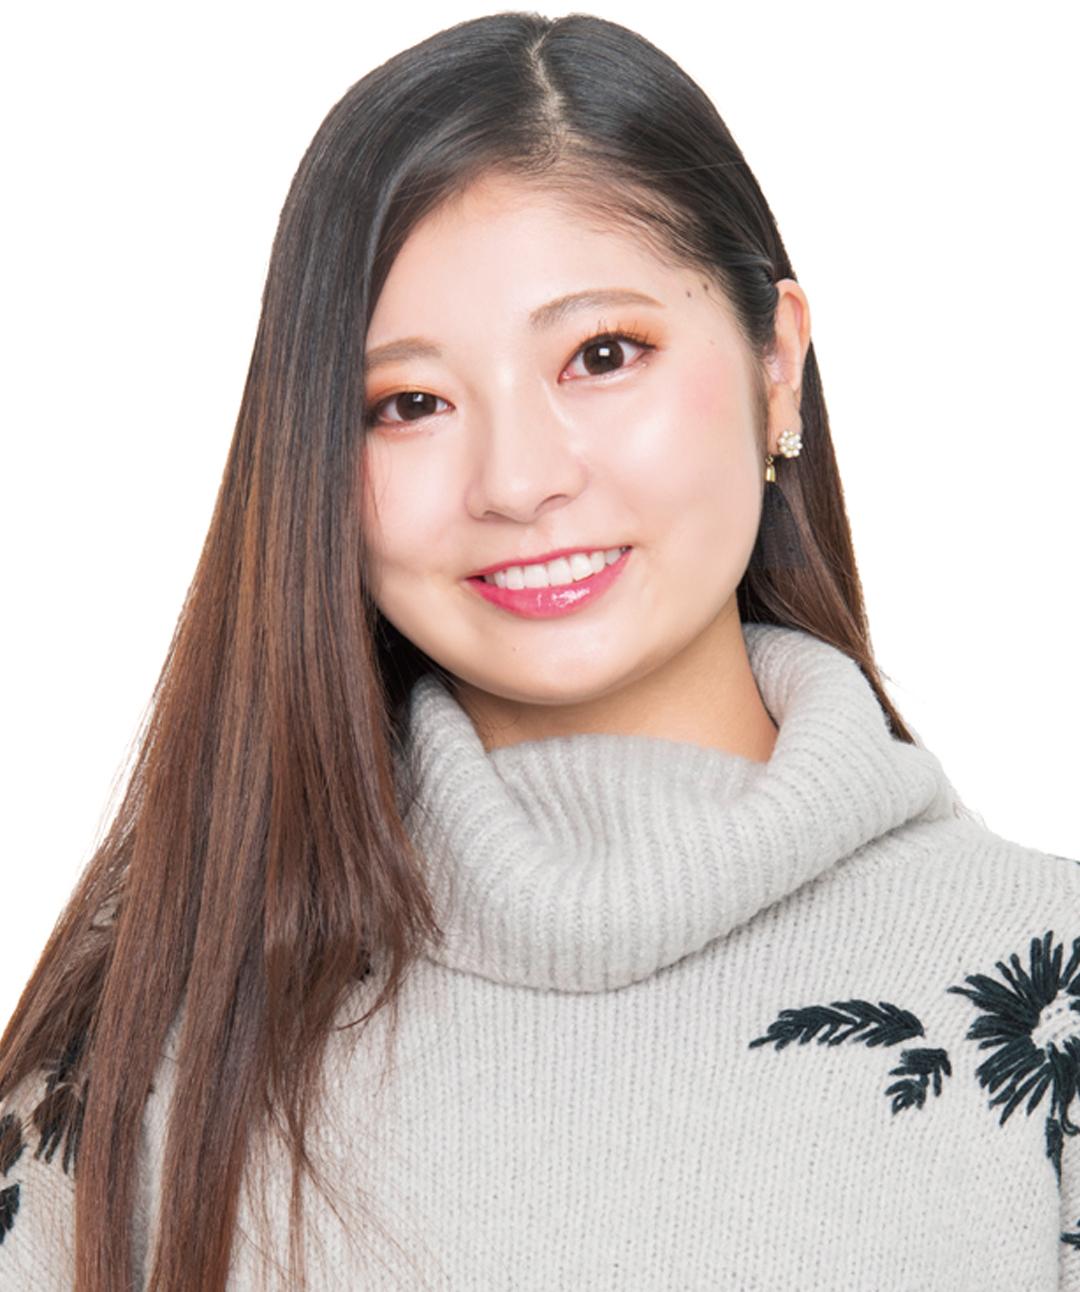 祝♡ 新加入! 5期生のブログをまとめてチェック【カワイイ選抜】_1_13-28